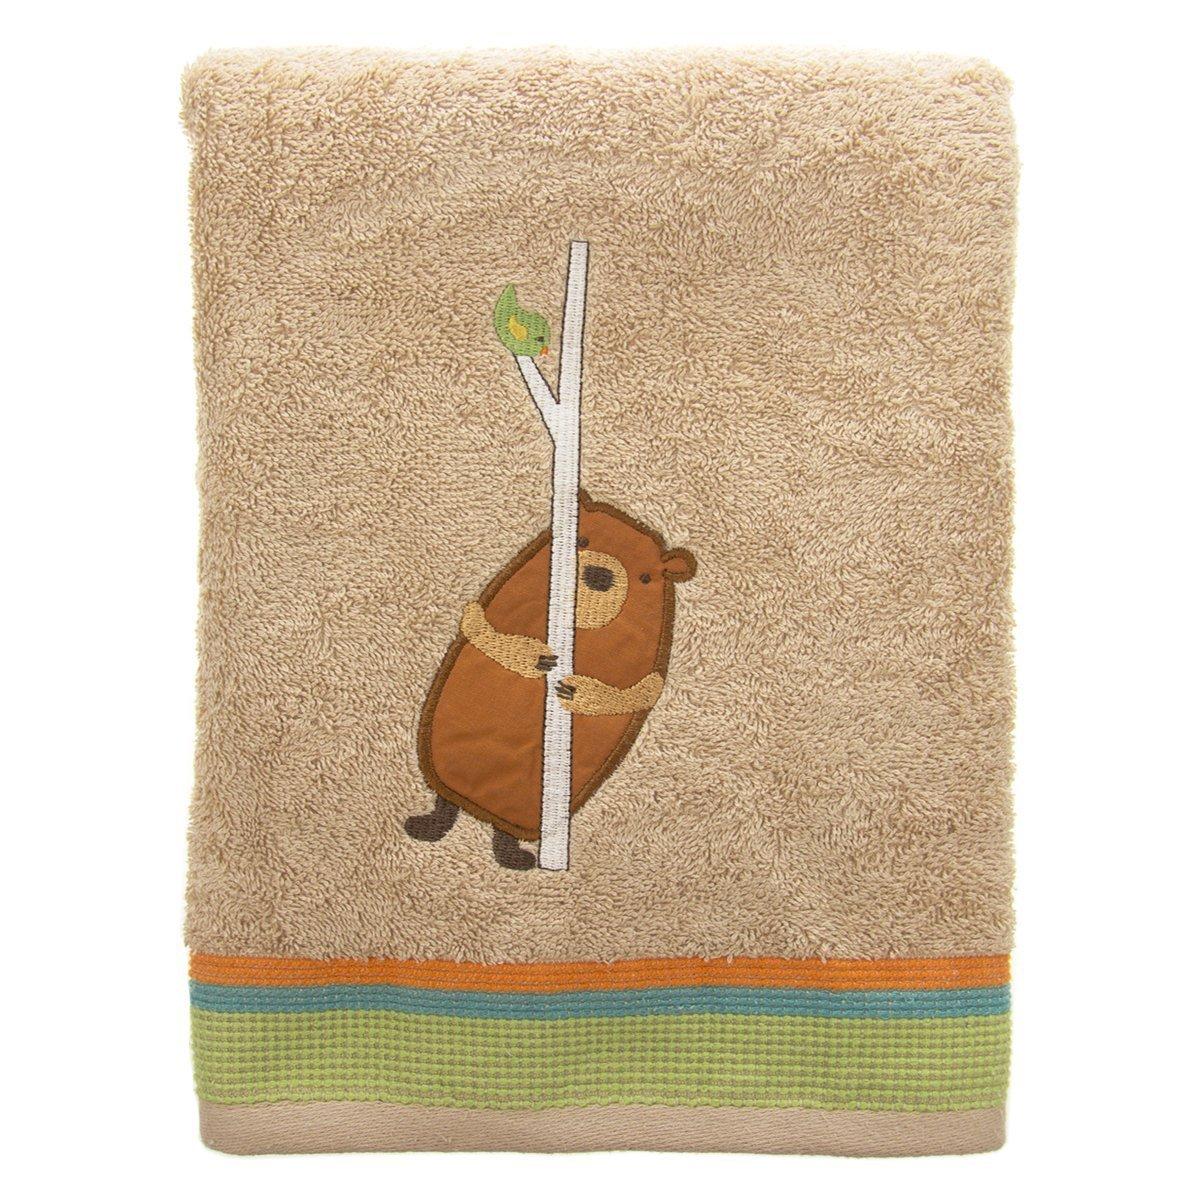 Saturday Knight Limited Forest Friends 100% Cotton Bath Towel Bear Bird Applique Unisex Kids Beige Tan by Saturday Knight Limited (Image #1)